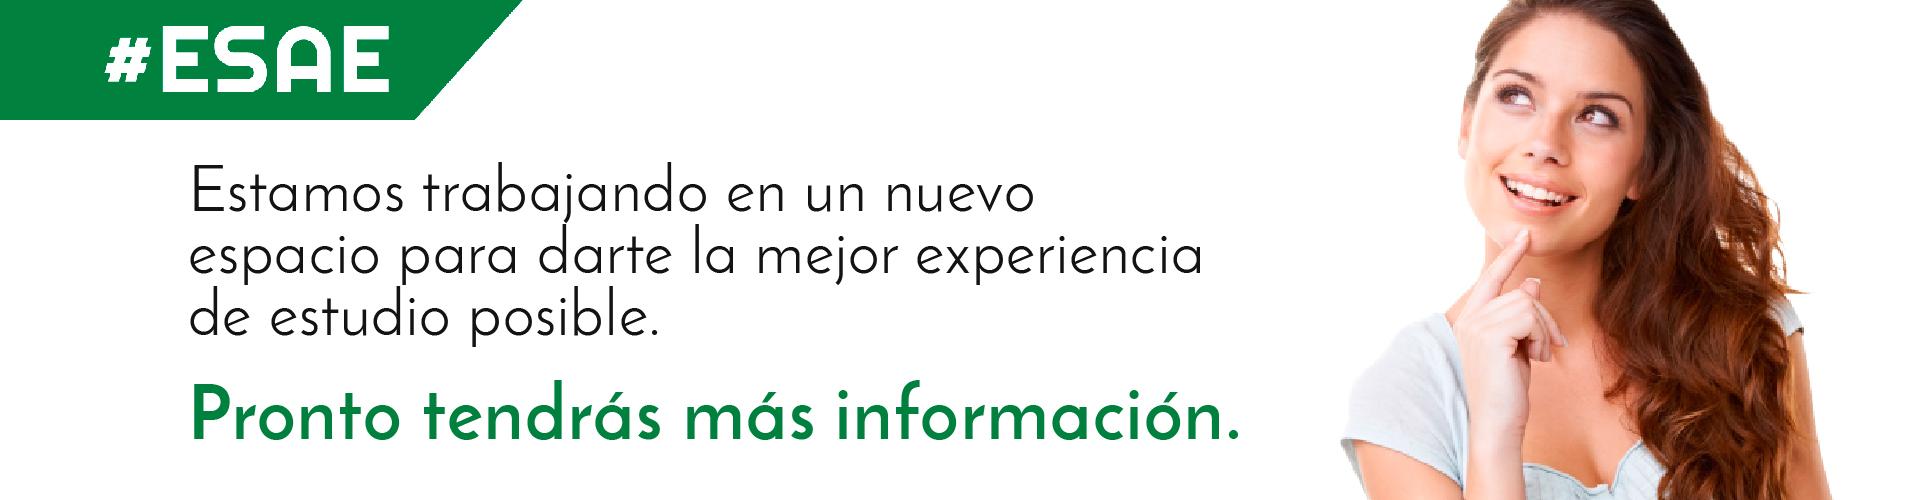 http://www.esaesas.edu.co/wp-content/uploads/2018/06/banner-03.jpg